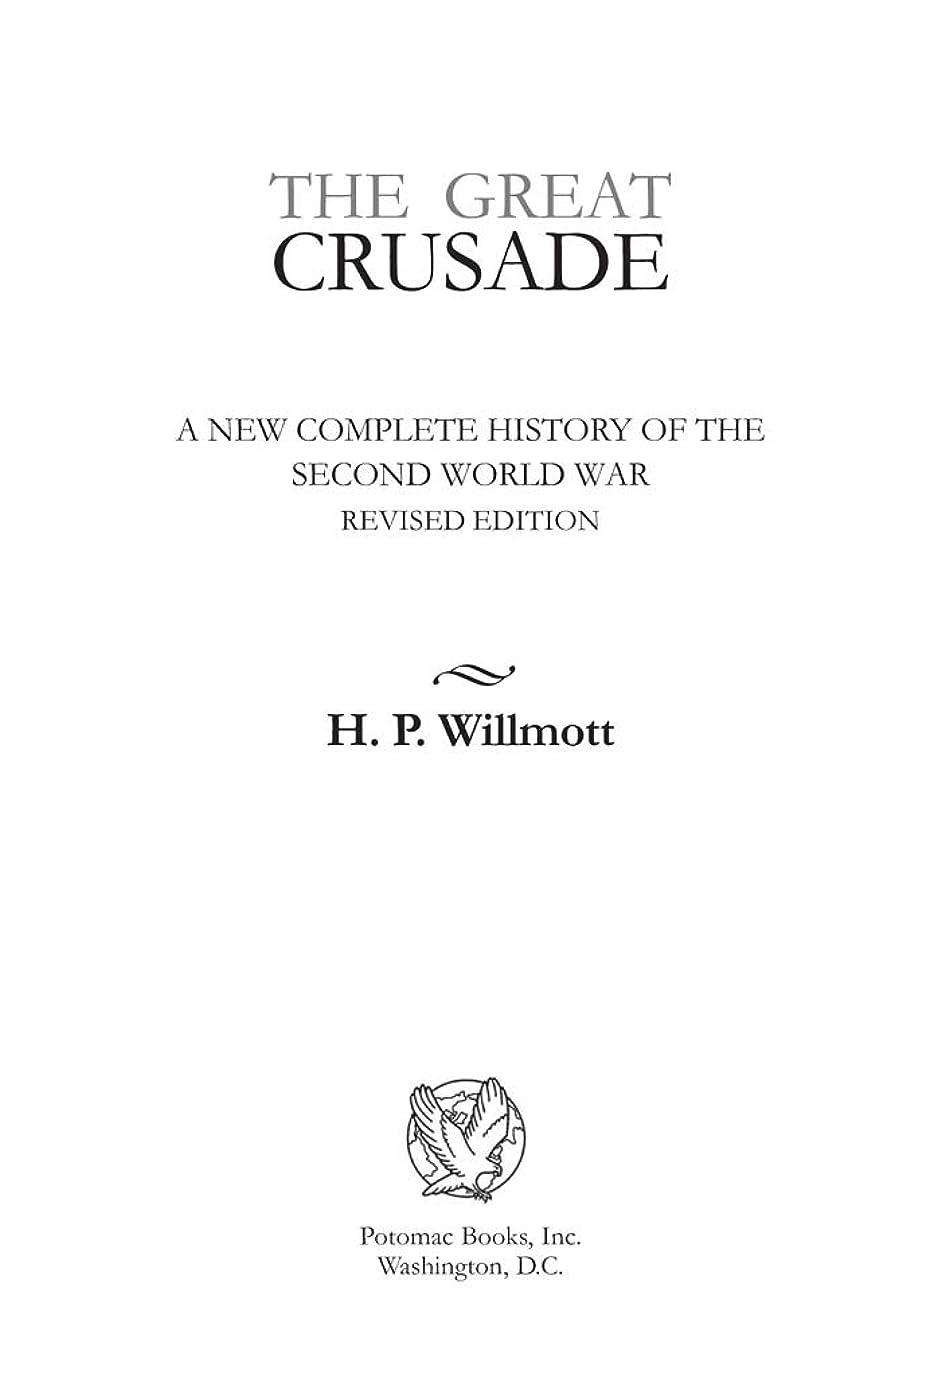 厳盲目チャンスThe Great Crusade: A New Complete History of the Second World War, Revised Edition (English Edition)